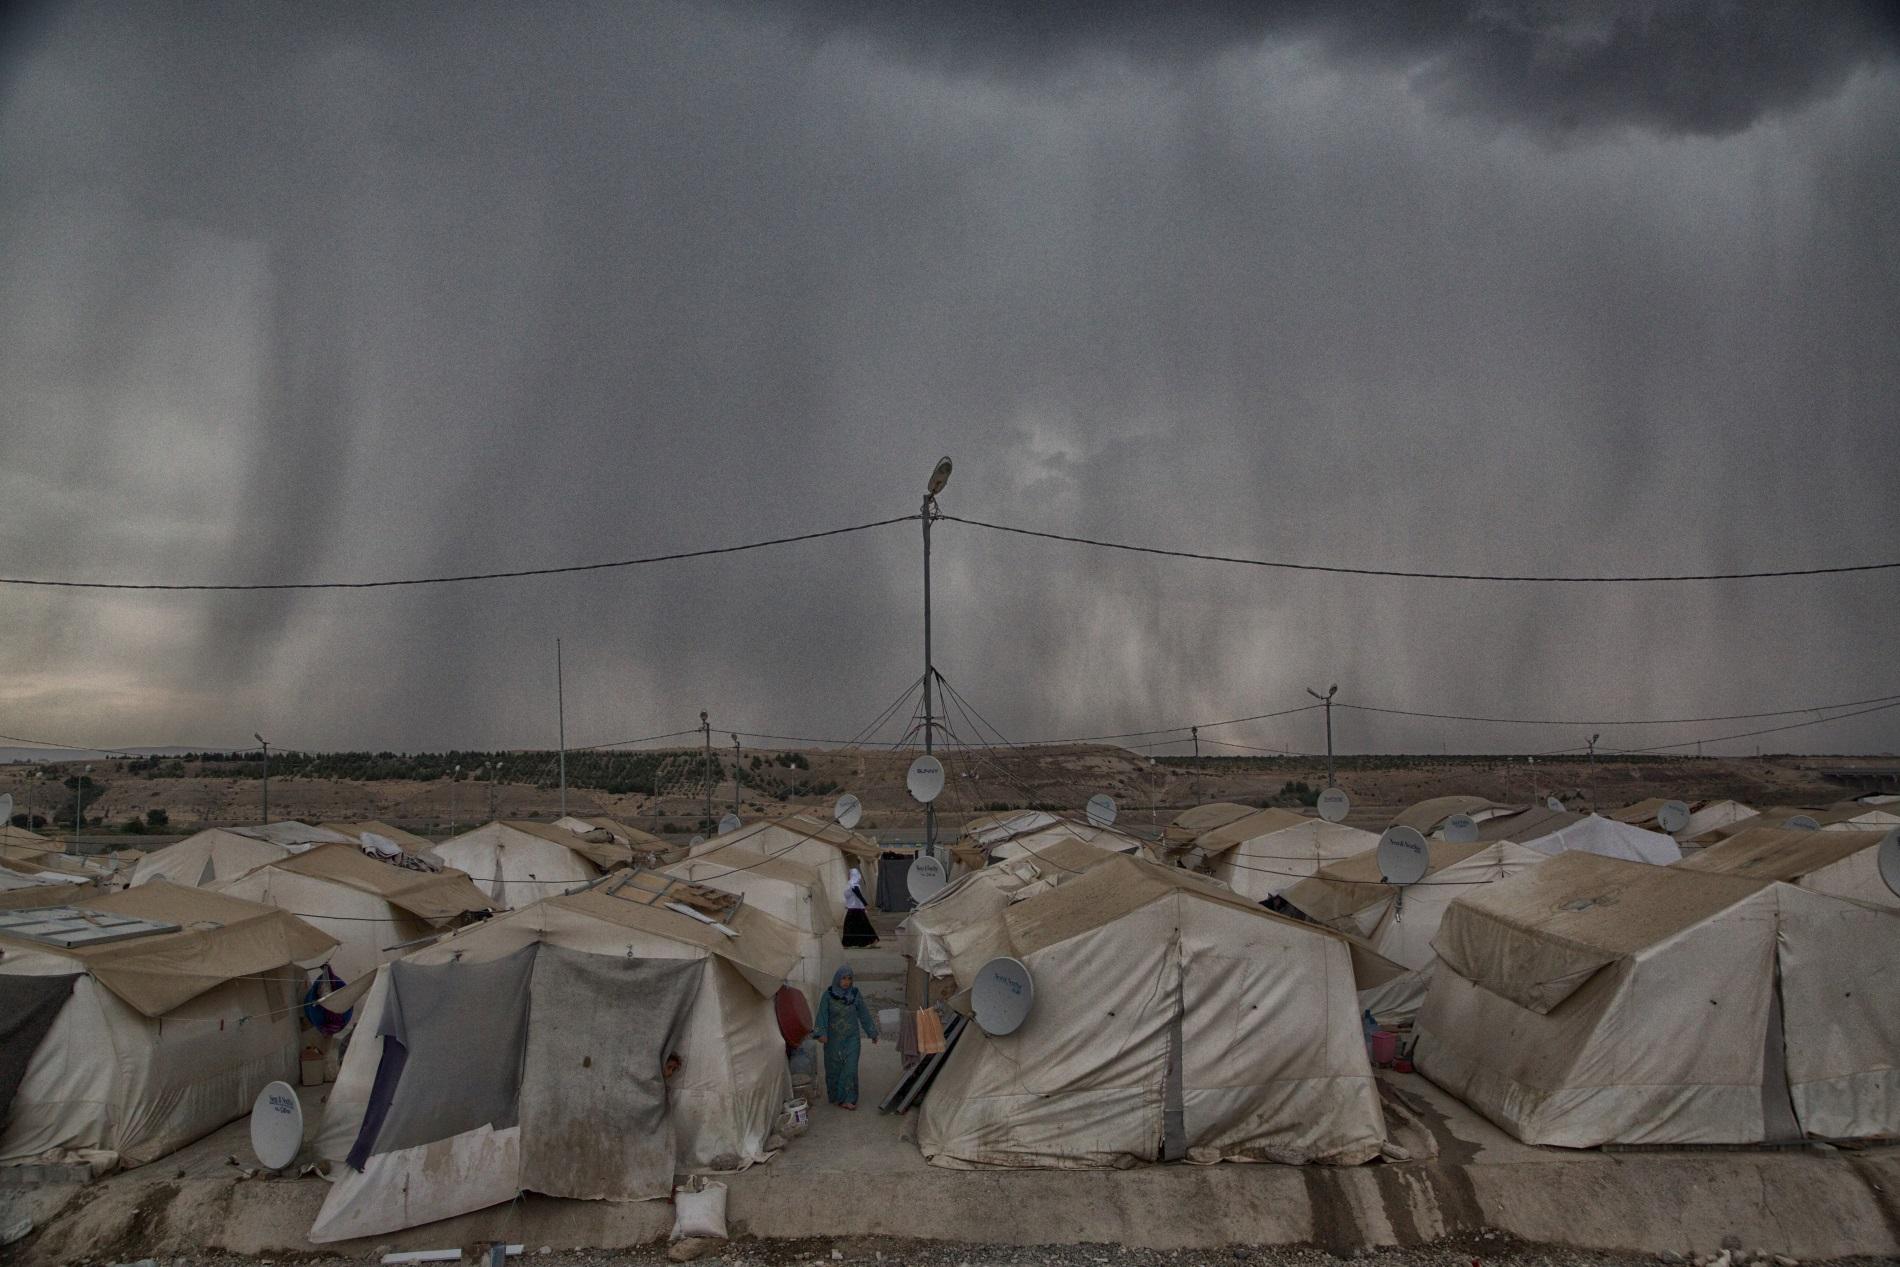 Una tormenta que se acerca al campamento de refugiados sirios en Nizip, Administrado por el AFAD, la agencia del gobierno turco para la gestión de emergencias.